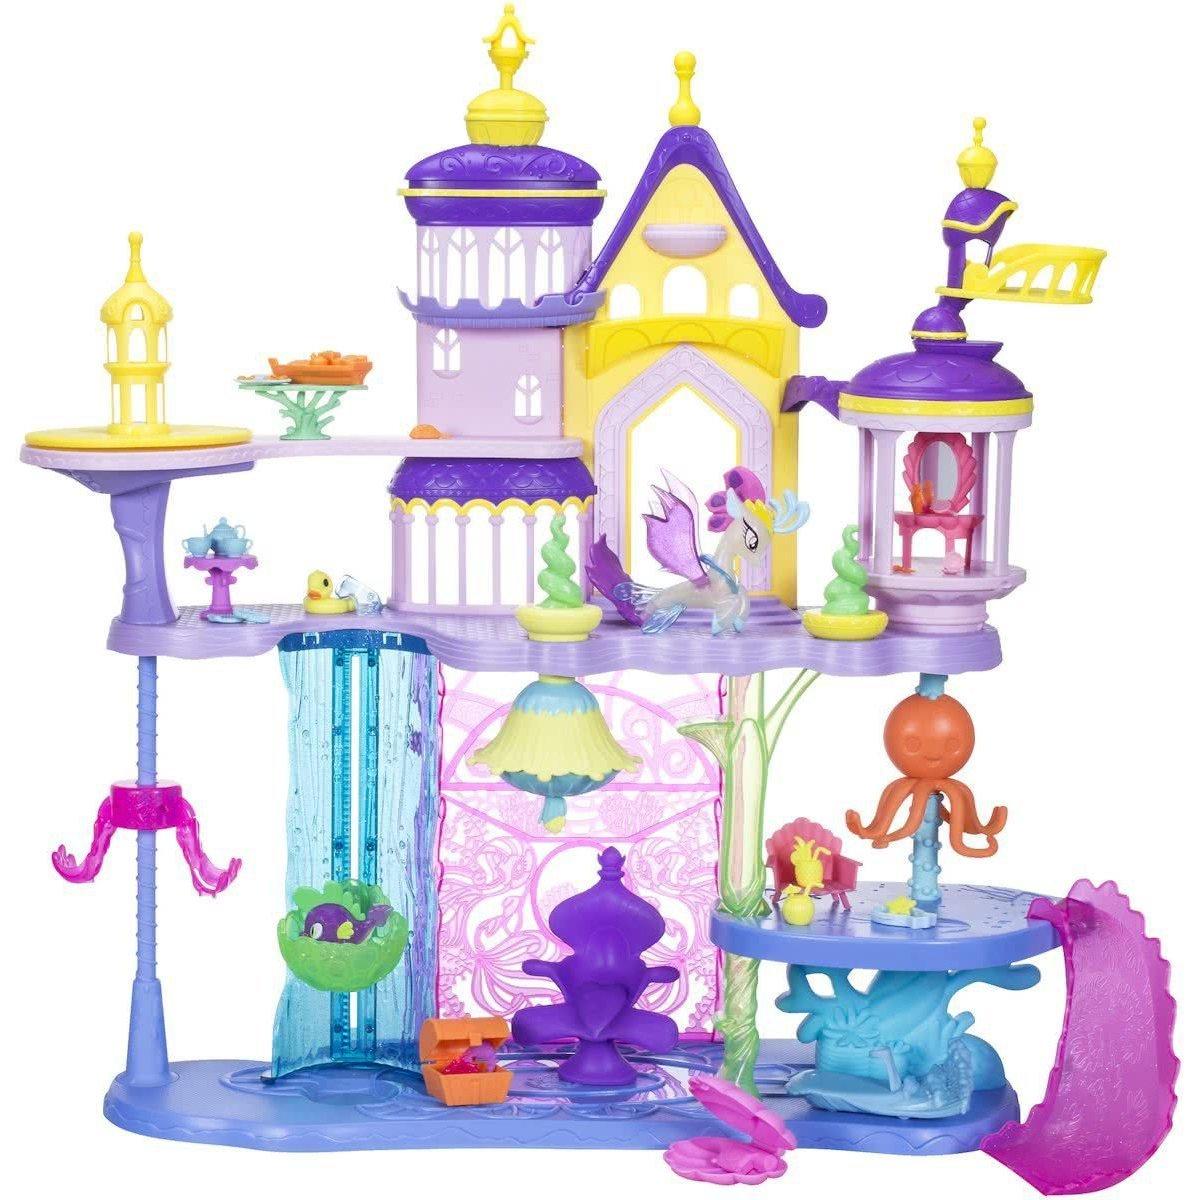 Картинки пони игрушки с замками